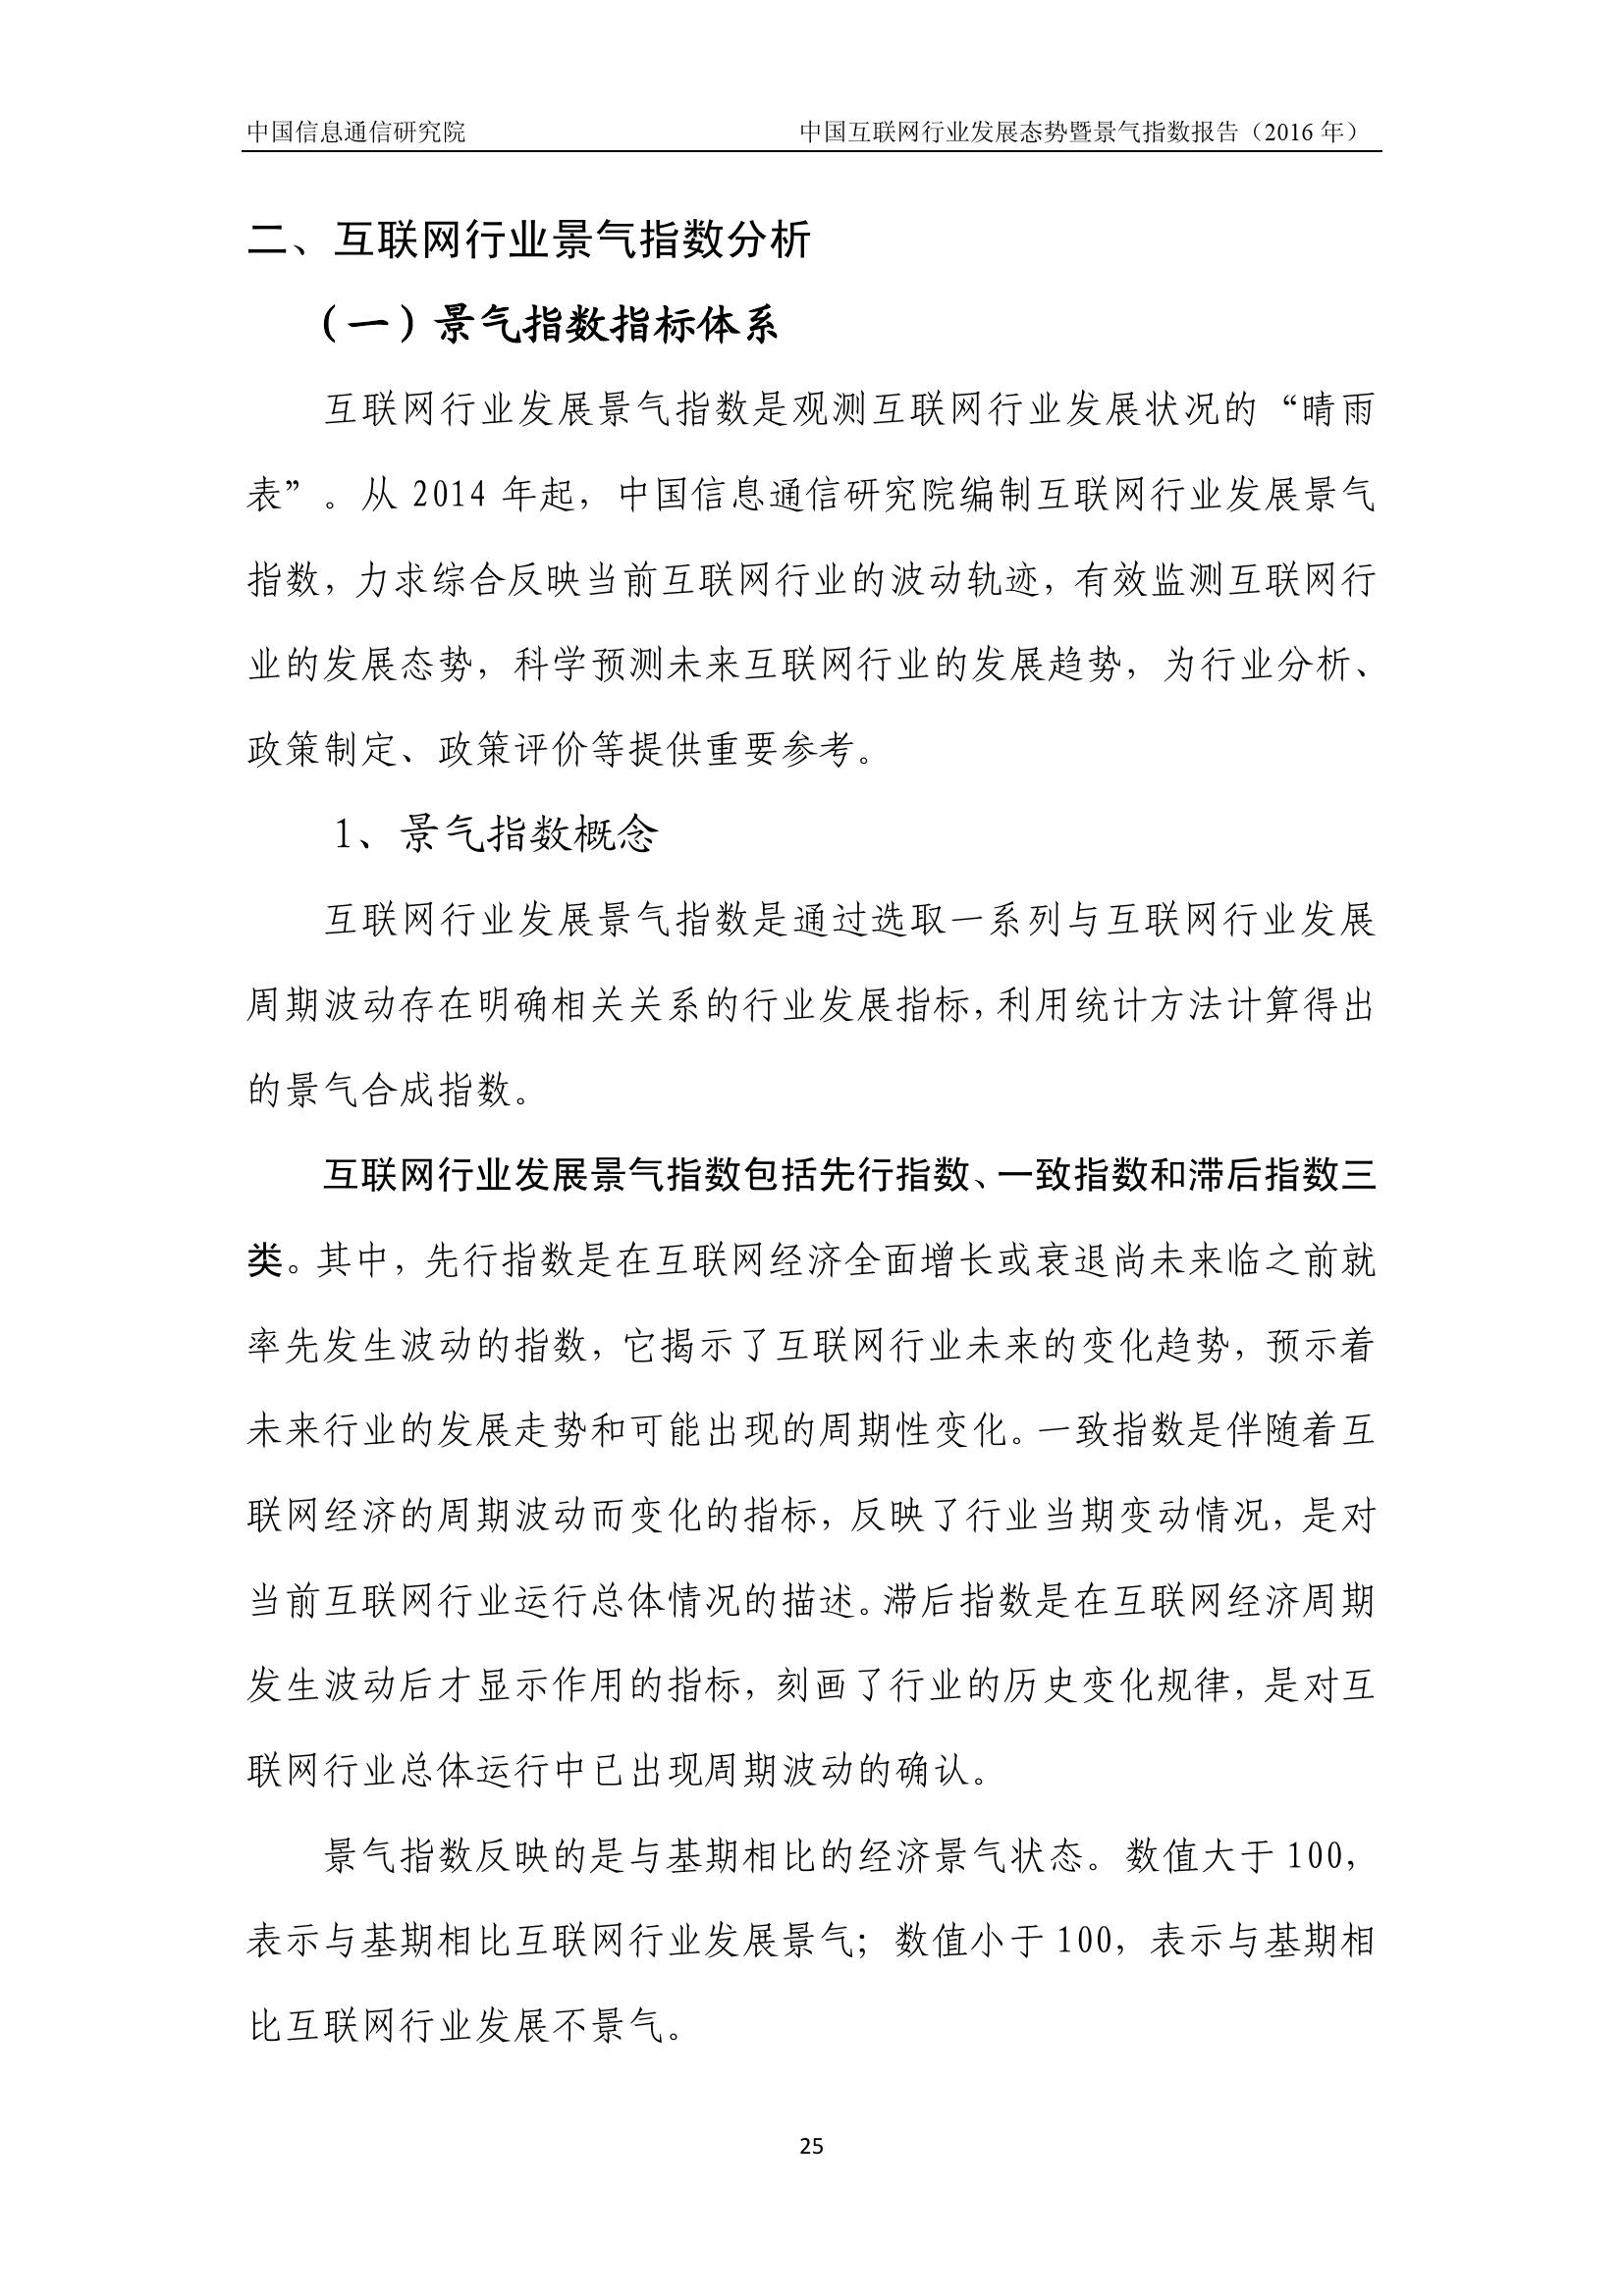 2016年中国互联网行业发展态势暨景气指数报告_000029